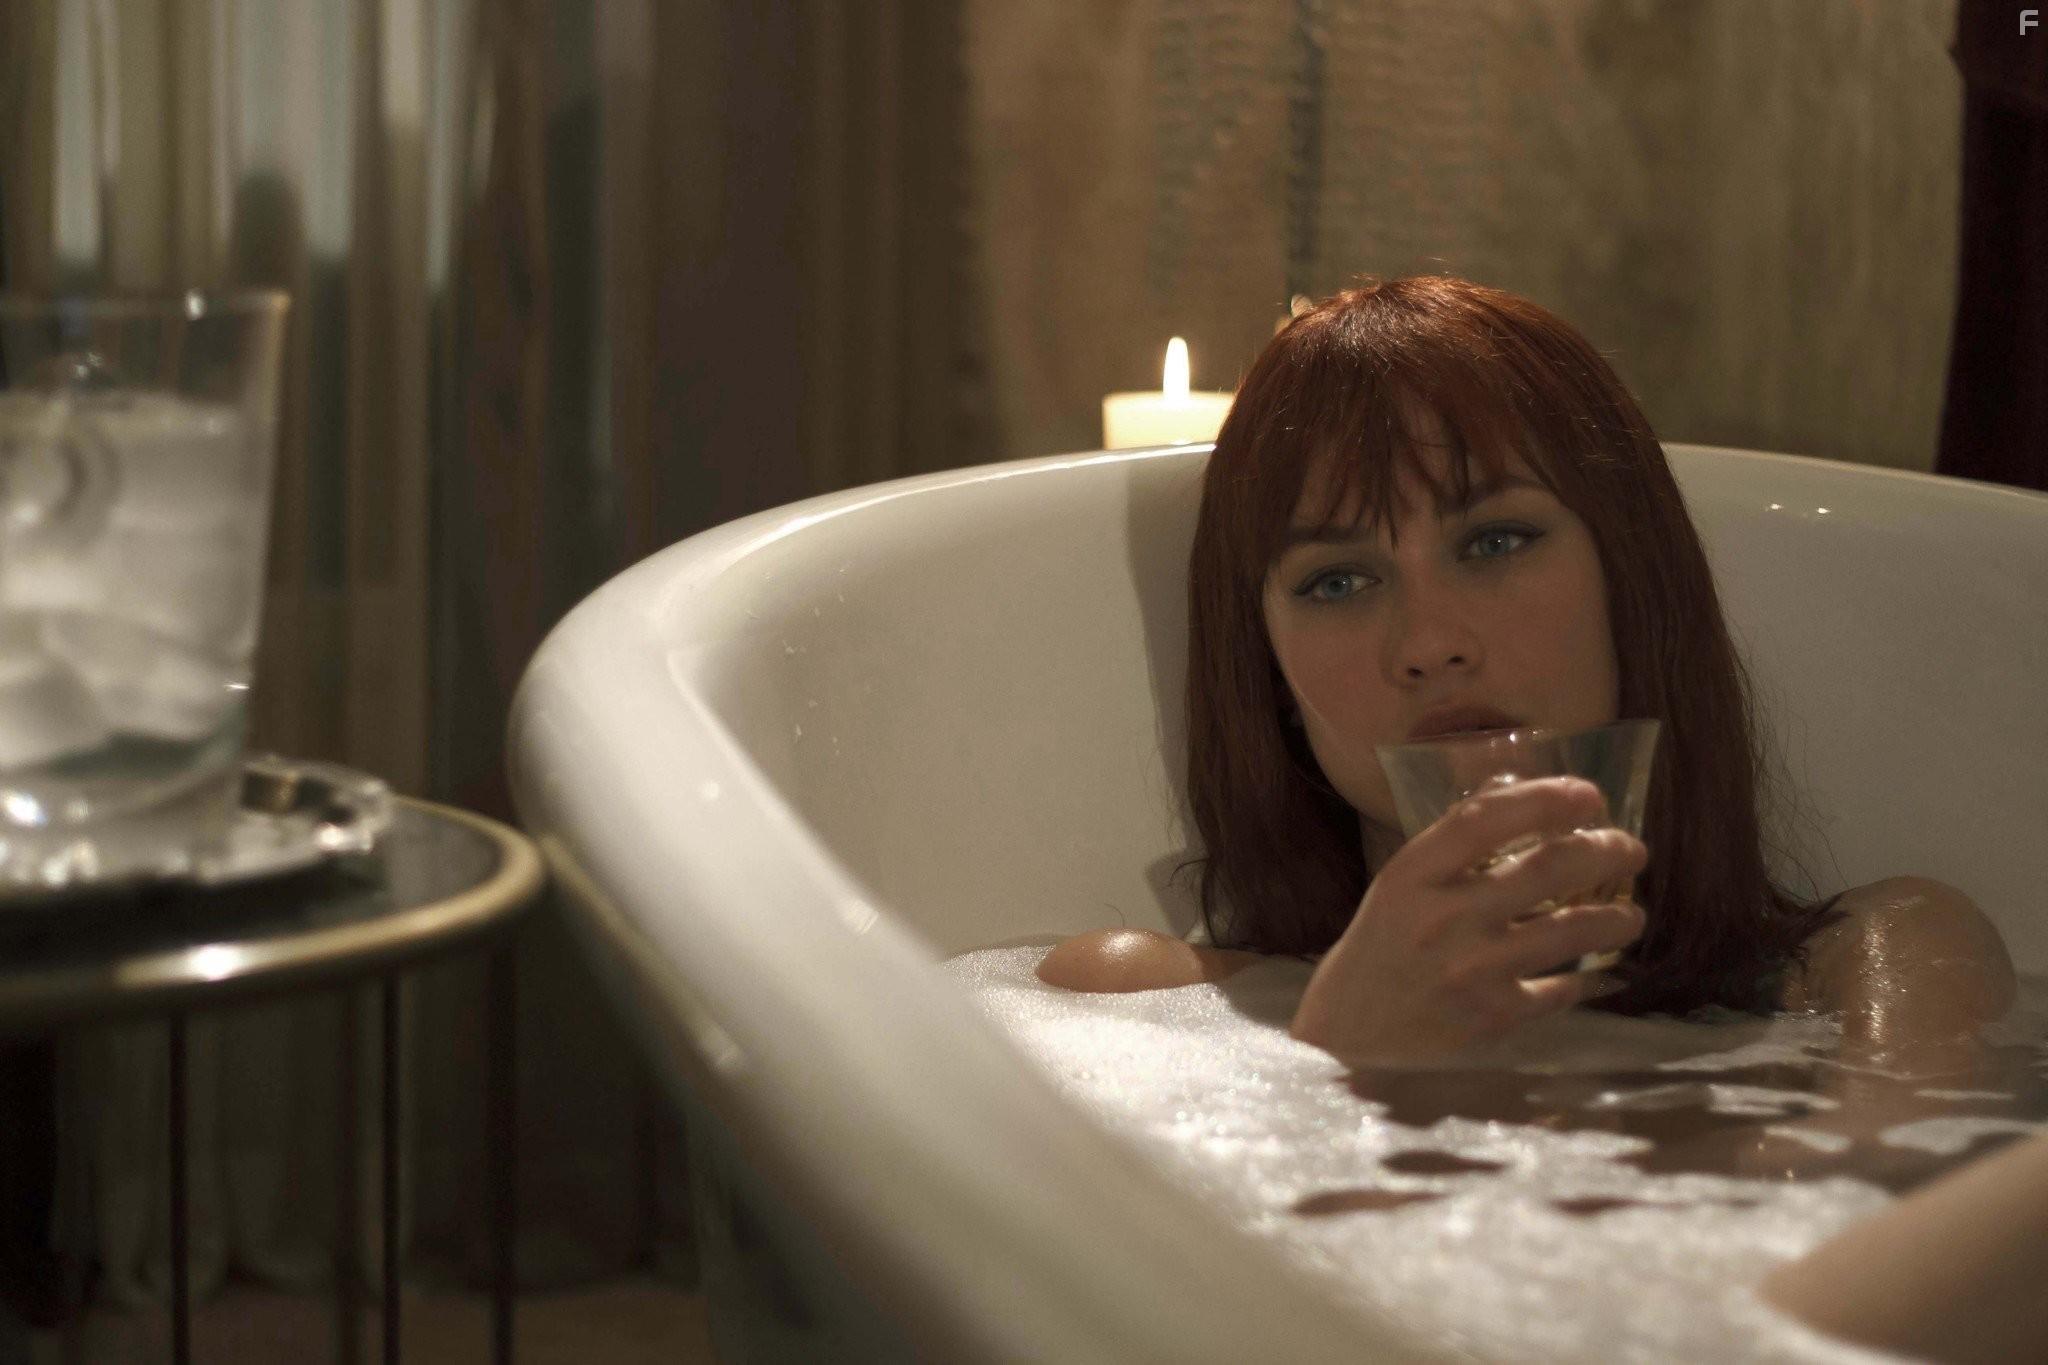 2015 for Bathroom scenes photos